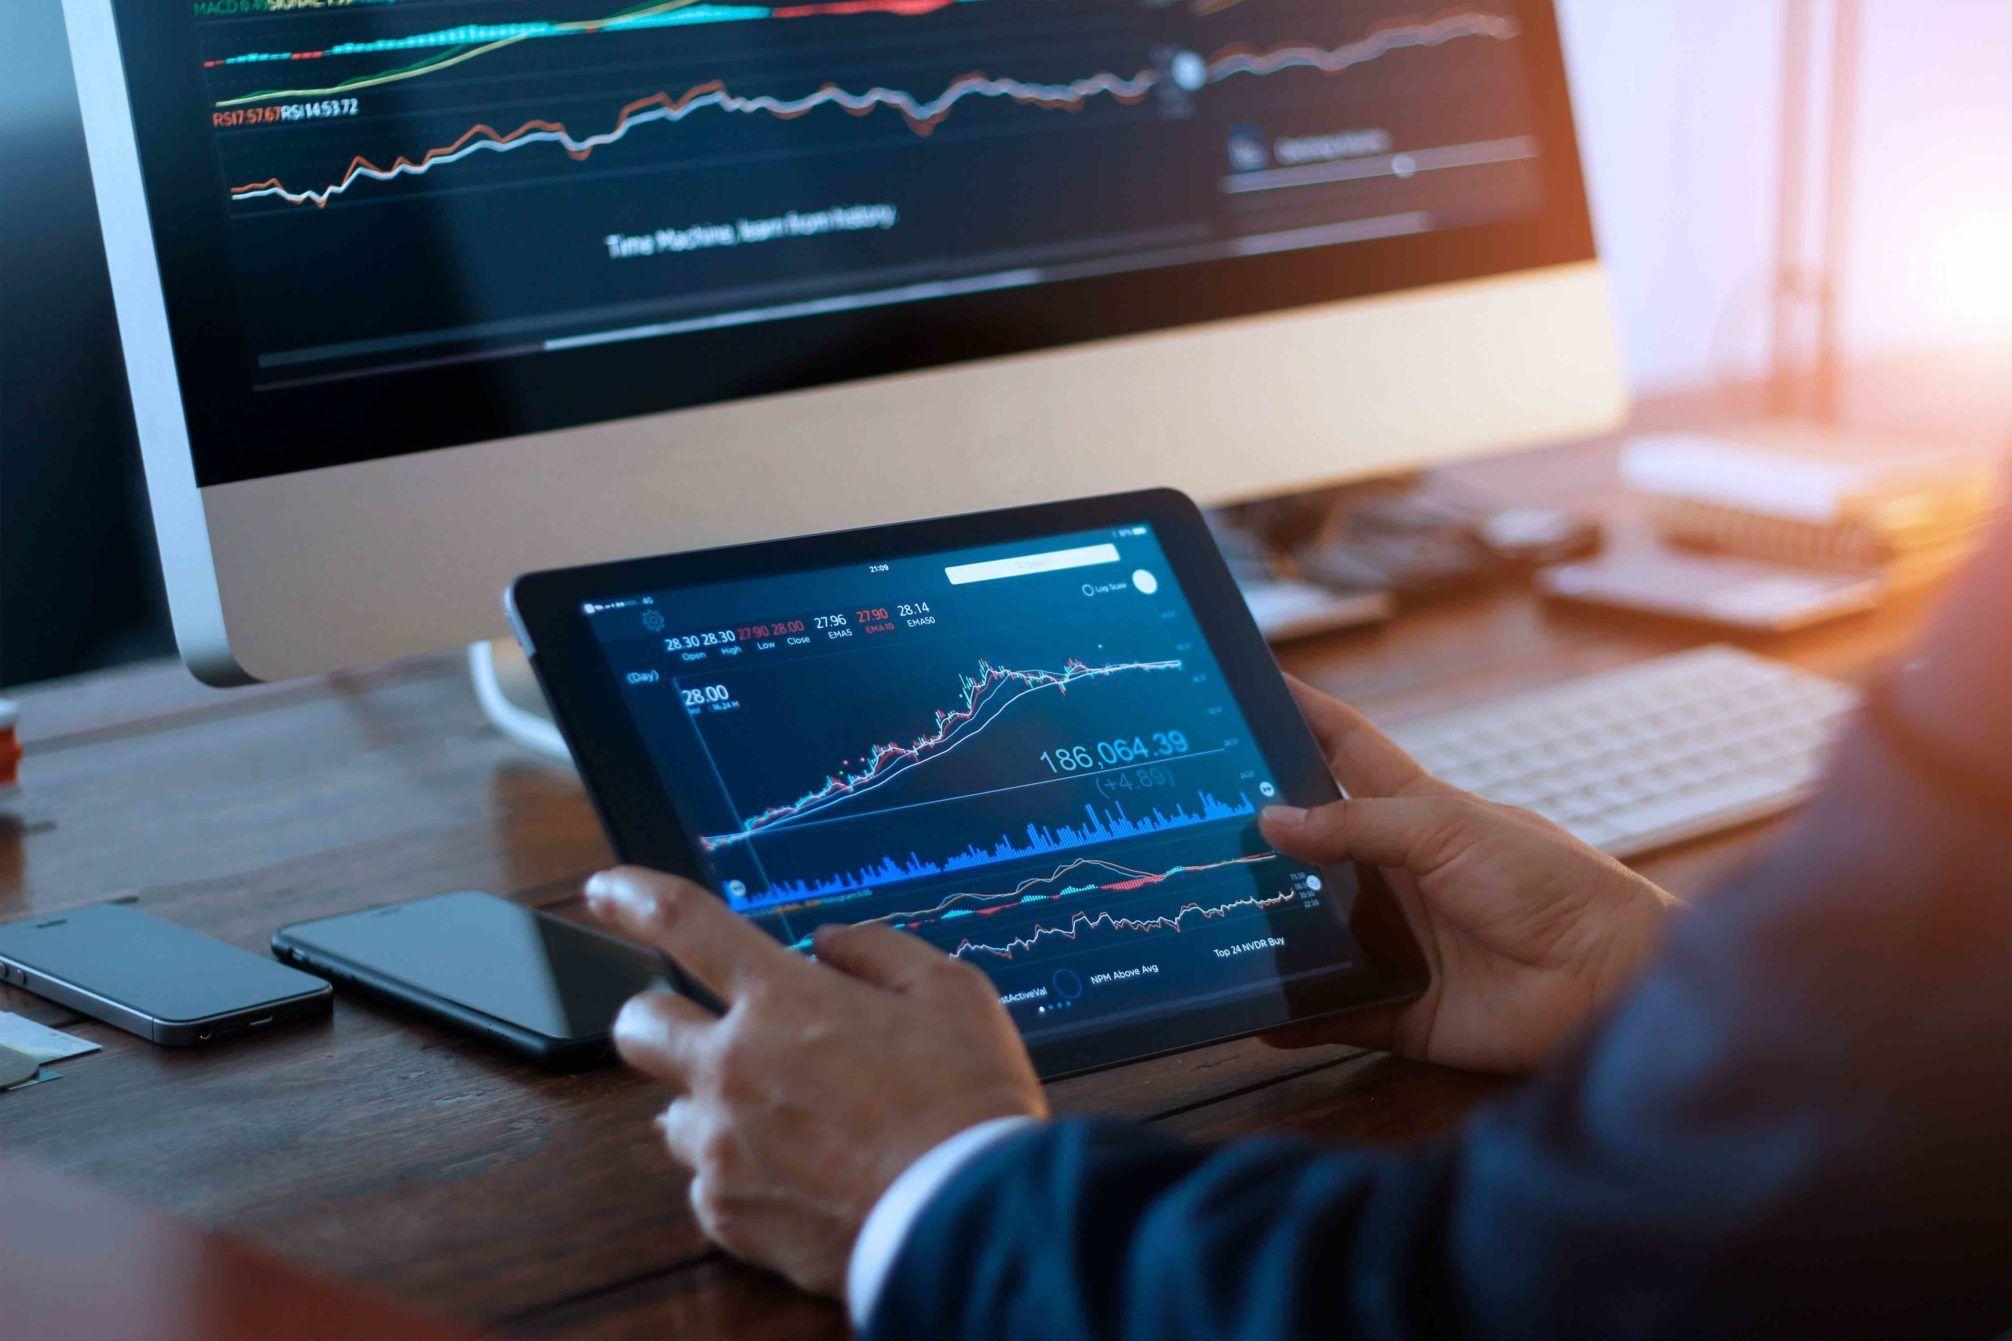 Derywaty – wirtualne inwestycje bez pokrycia w realnej wartości